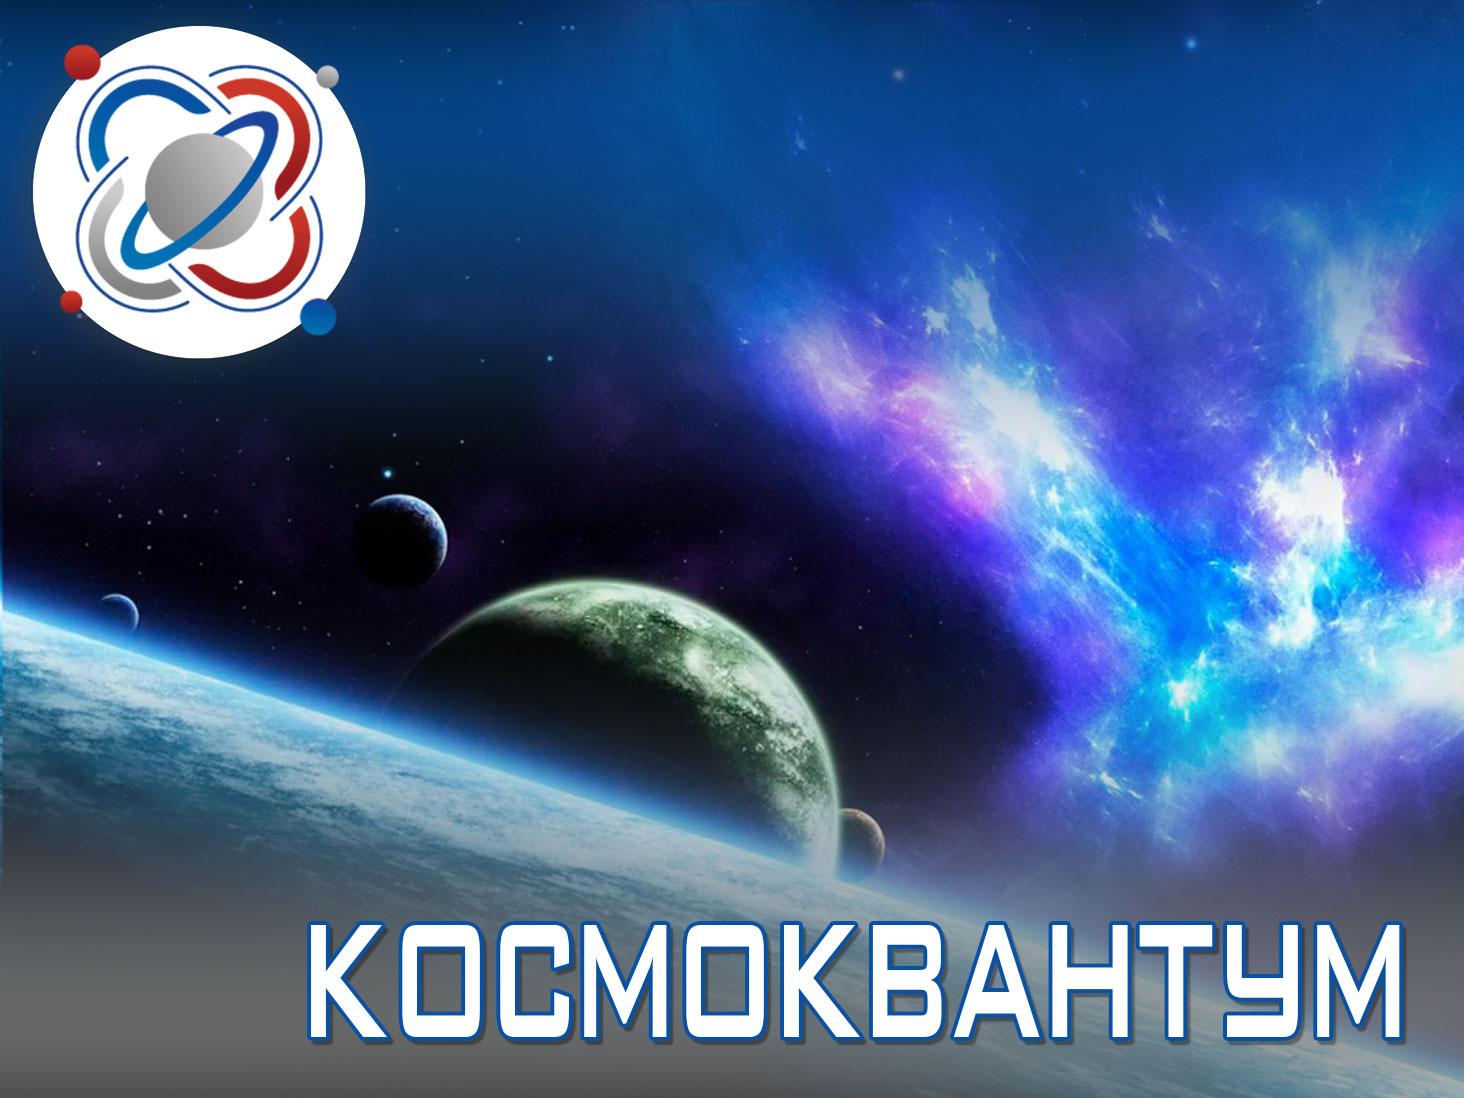 Для тех, кто хочет погрузиться в инженерные области космонавтики.